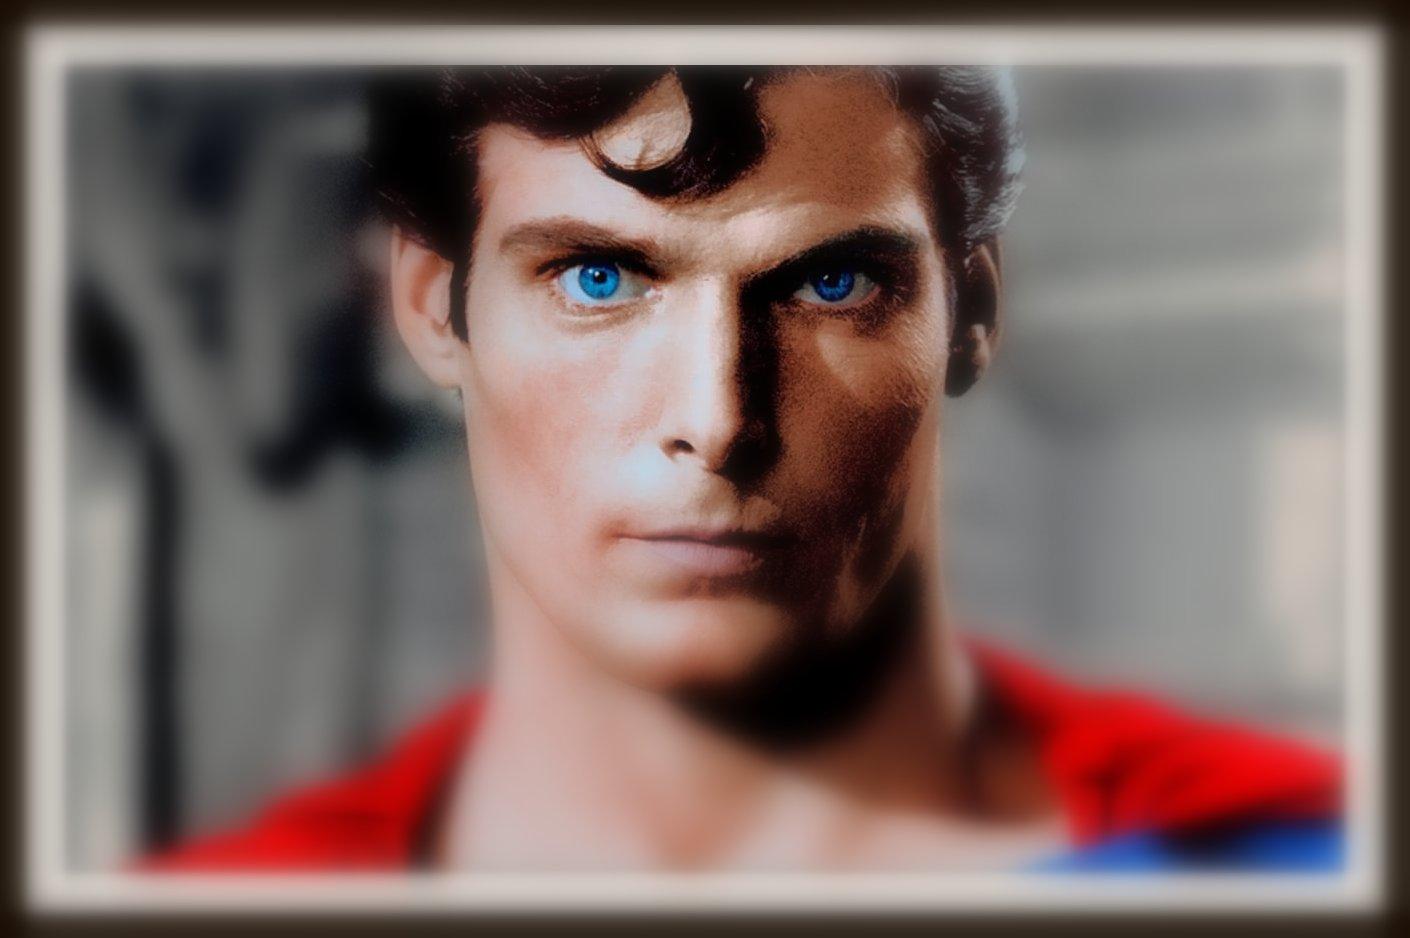 Reeve Superman